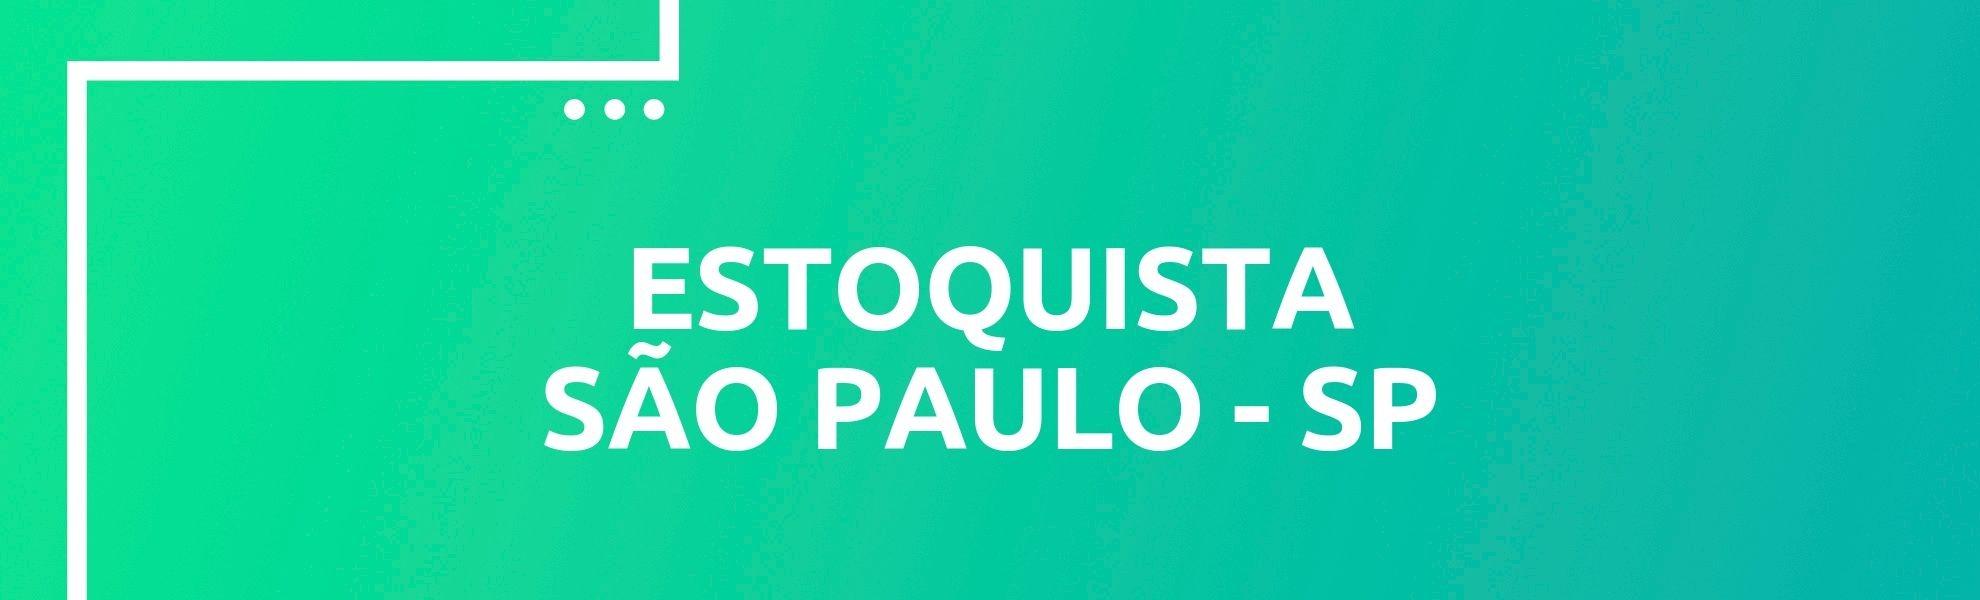 Estoquista - São Paulo